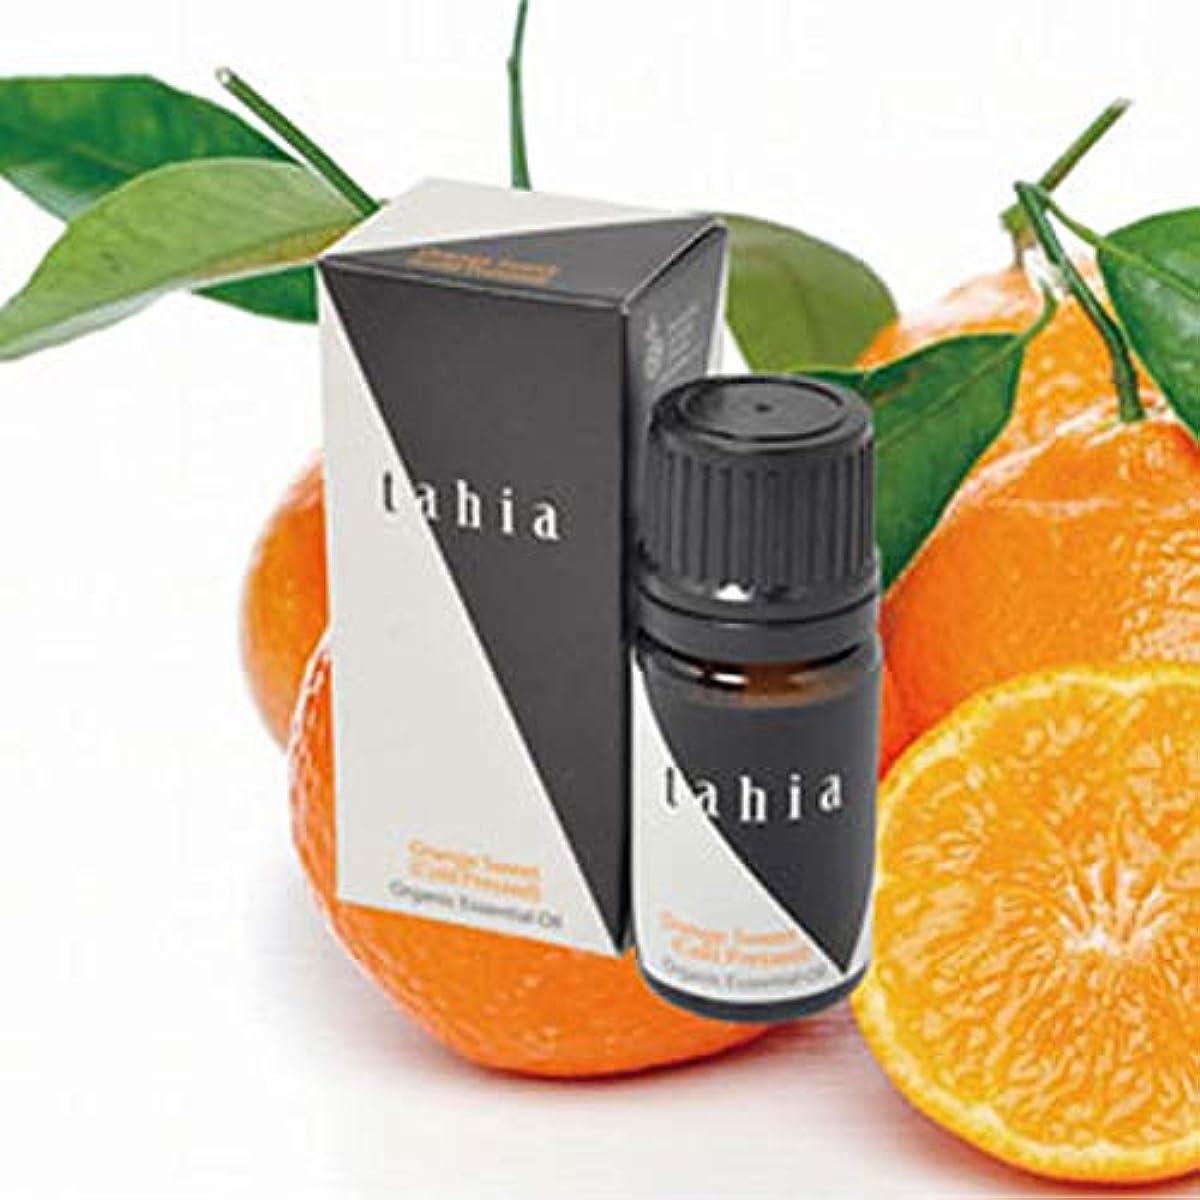 論争オピエートタックタツフト タヒア tahia オレンジ スイート エッセンシャルオイル オーガニック 芳香 精油